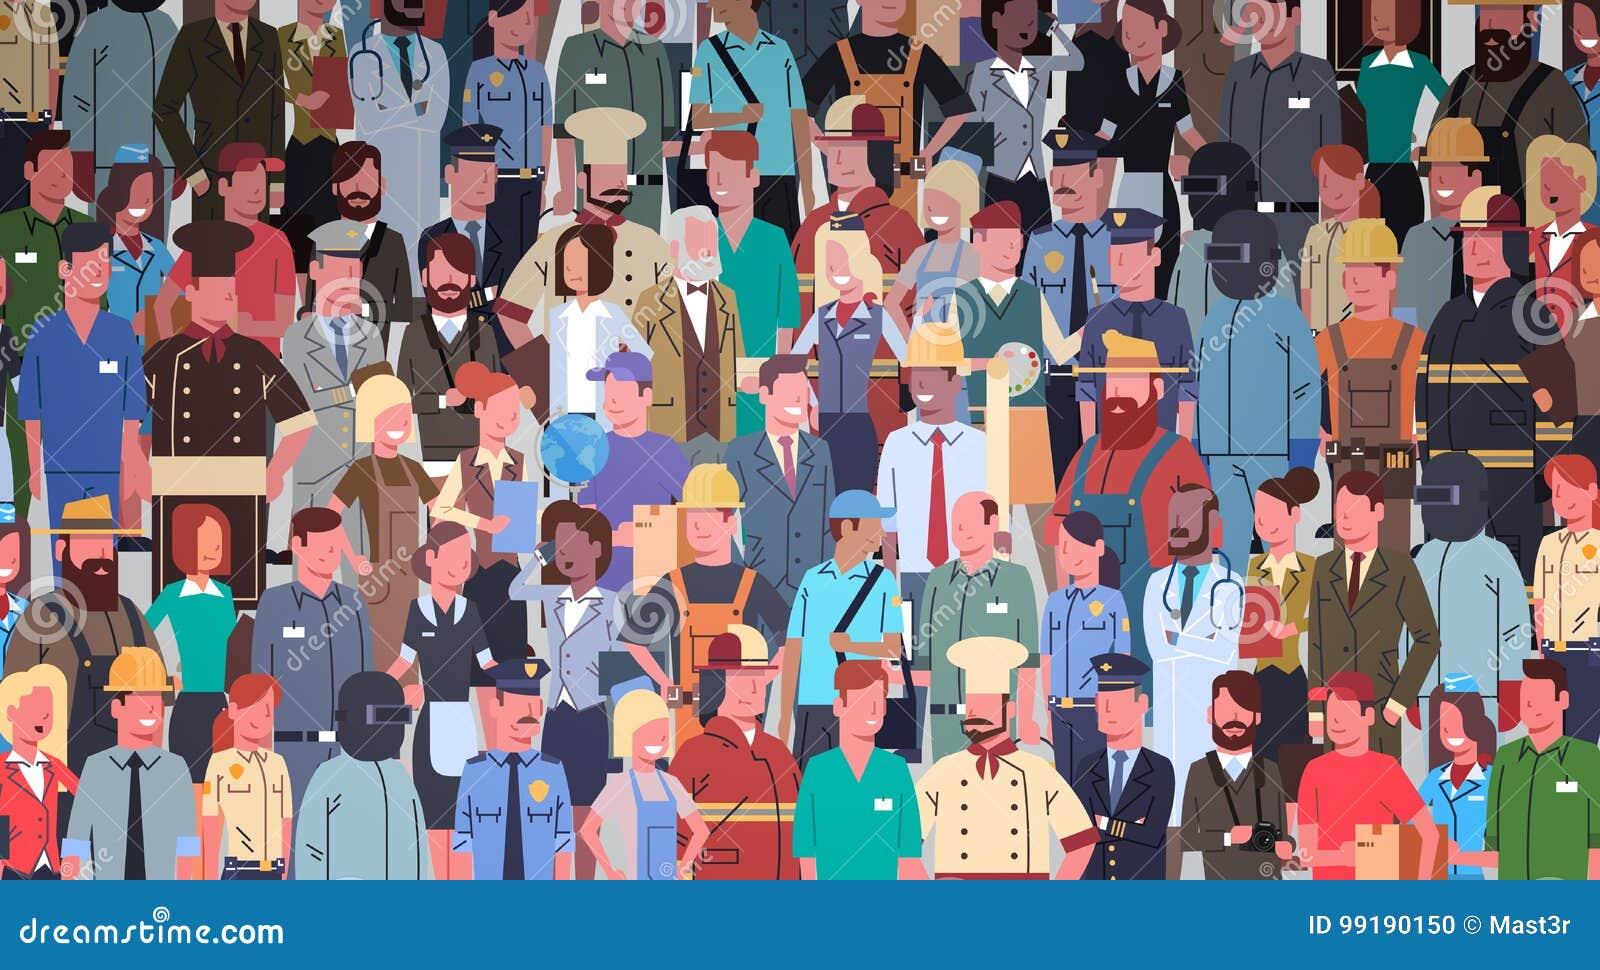 Οι άνθρωποι ομαδοποιούν το διαφορετικό σύνολο επαγγέλματος, έμβλημα εργαζομένων φυλών μιγμάτων υπαλλήλων